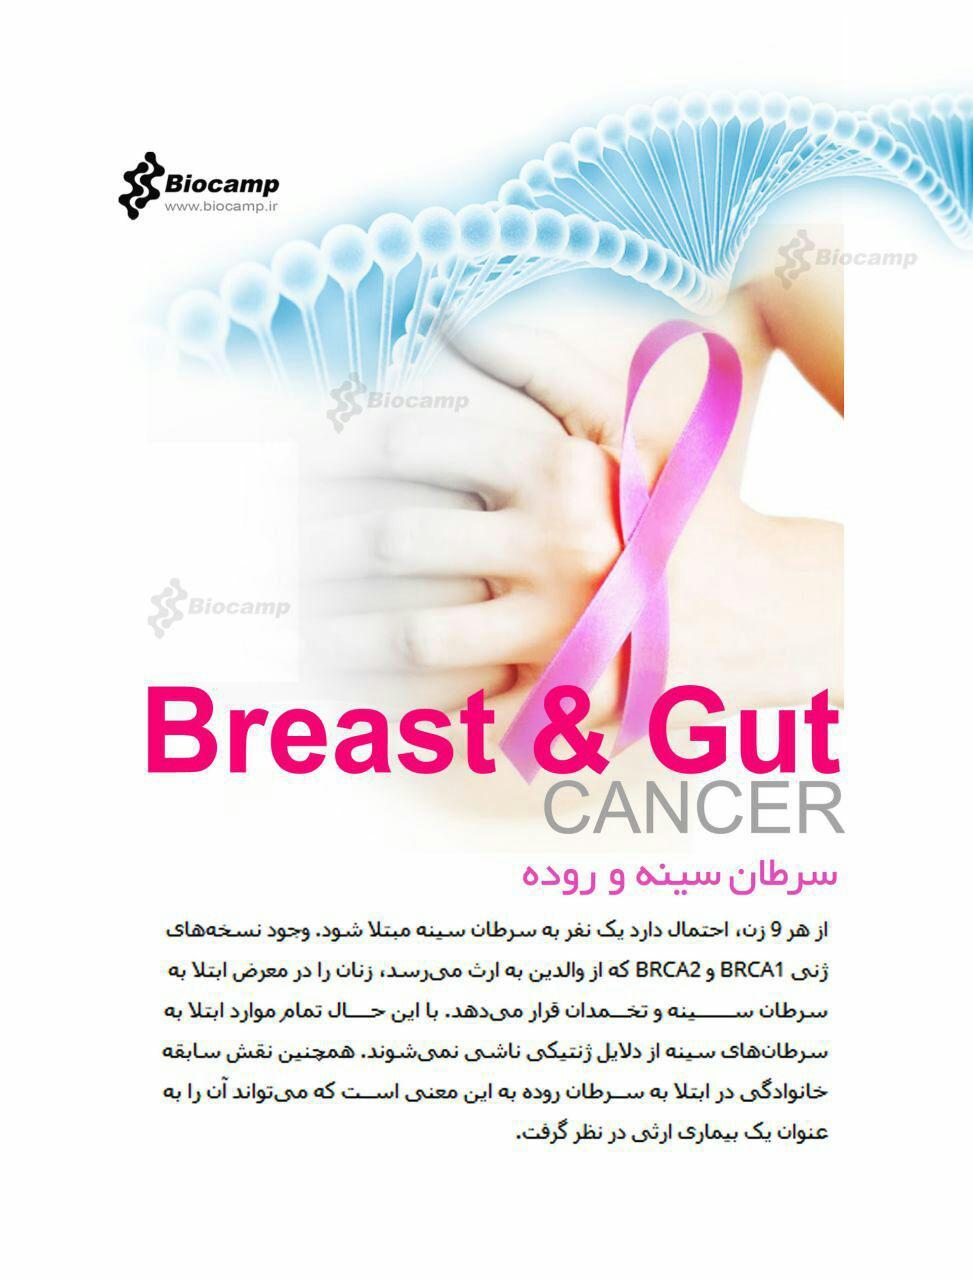 در مورد سرطان سینه و روده بیشتر بدانیم در مورد سرطان سینه و روده بیشتر بدانیم در مورد سرطان سینه و روده بیشتر بدانیم photo 2016 10 07 22 25 59